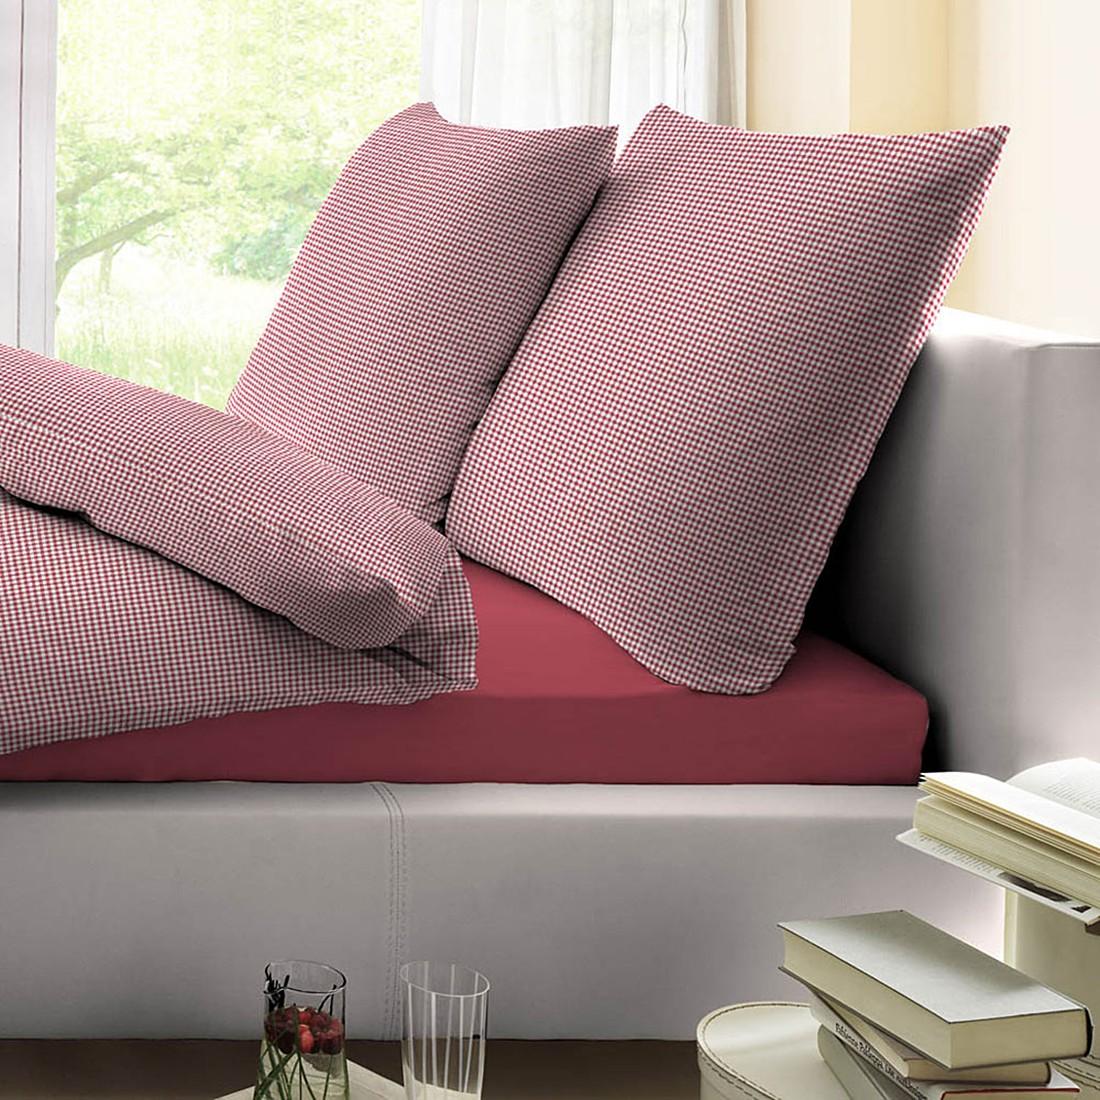 Bettwäsche – Baumwolle – Mehrfarbig – 135×200 cm + 80×80 cm, Dormisette jetzt bestellen